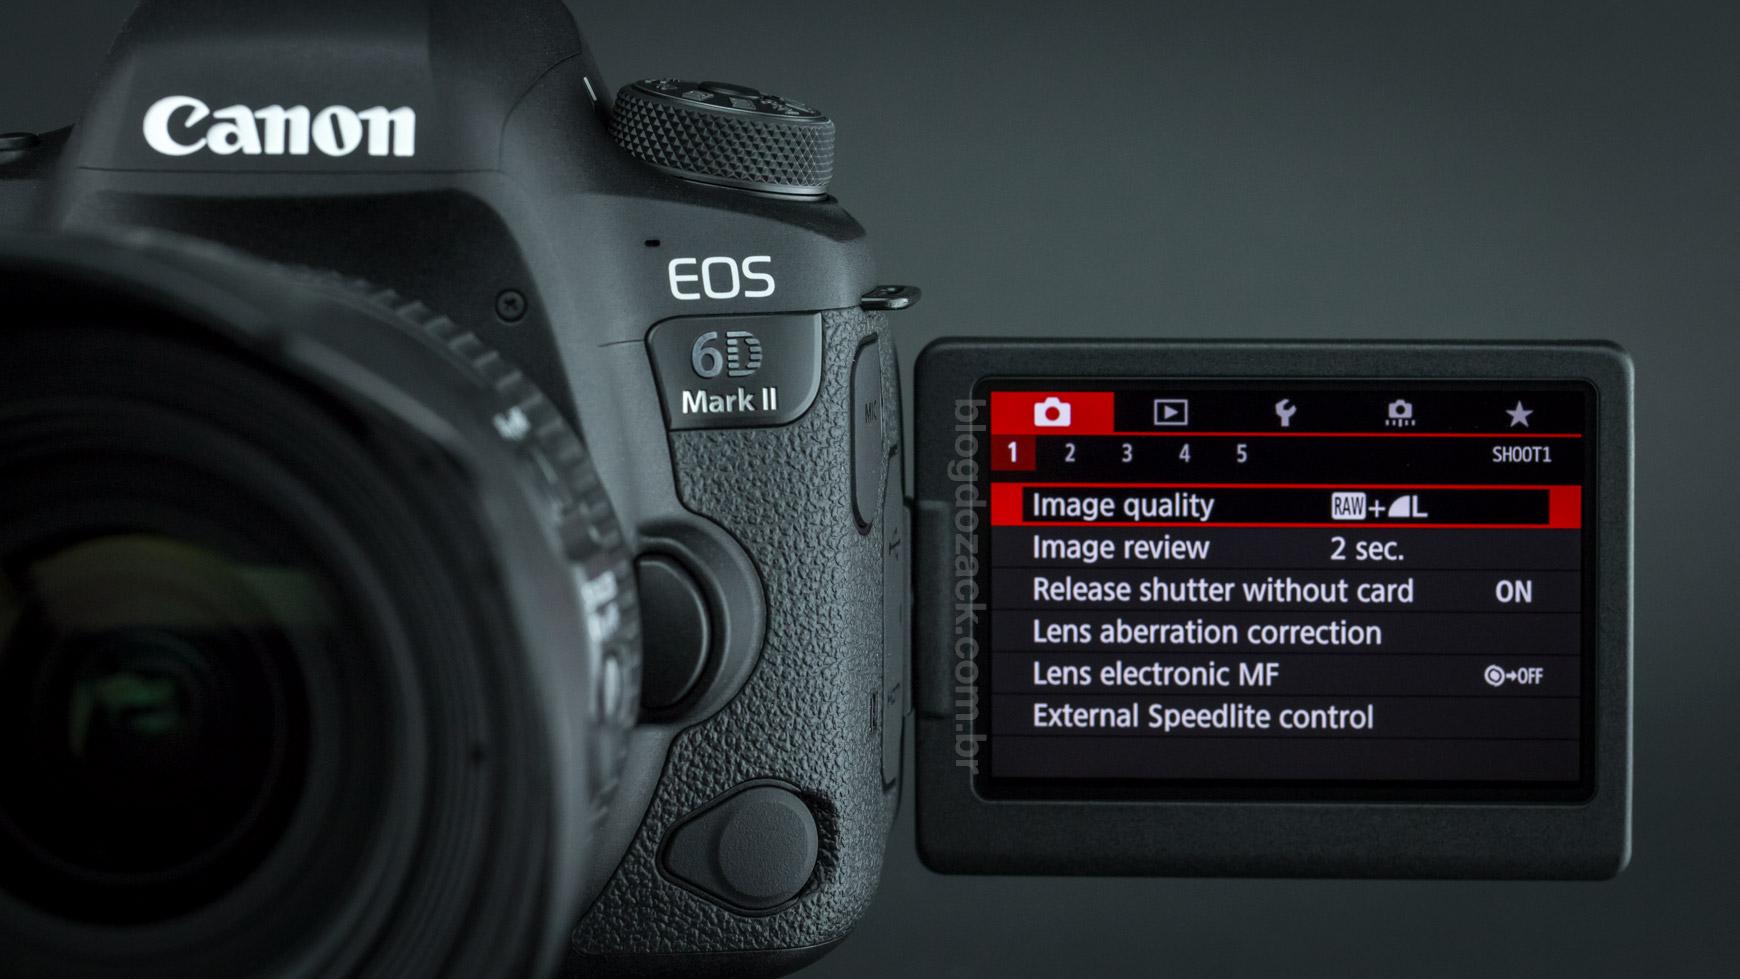 Canon EOS 6D Mark II LCD